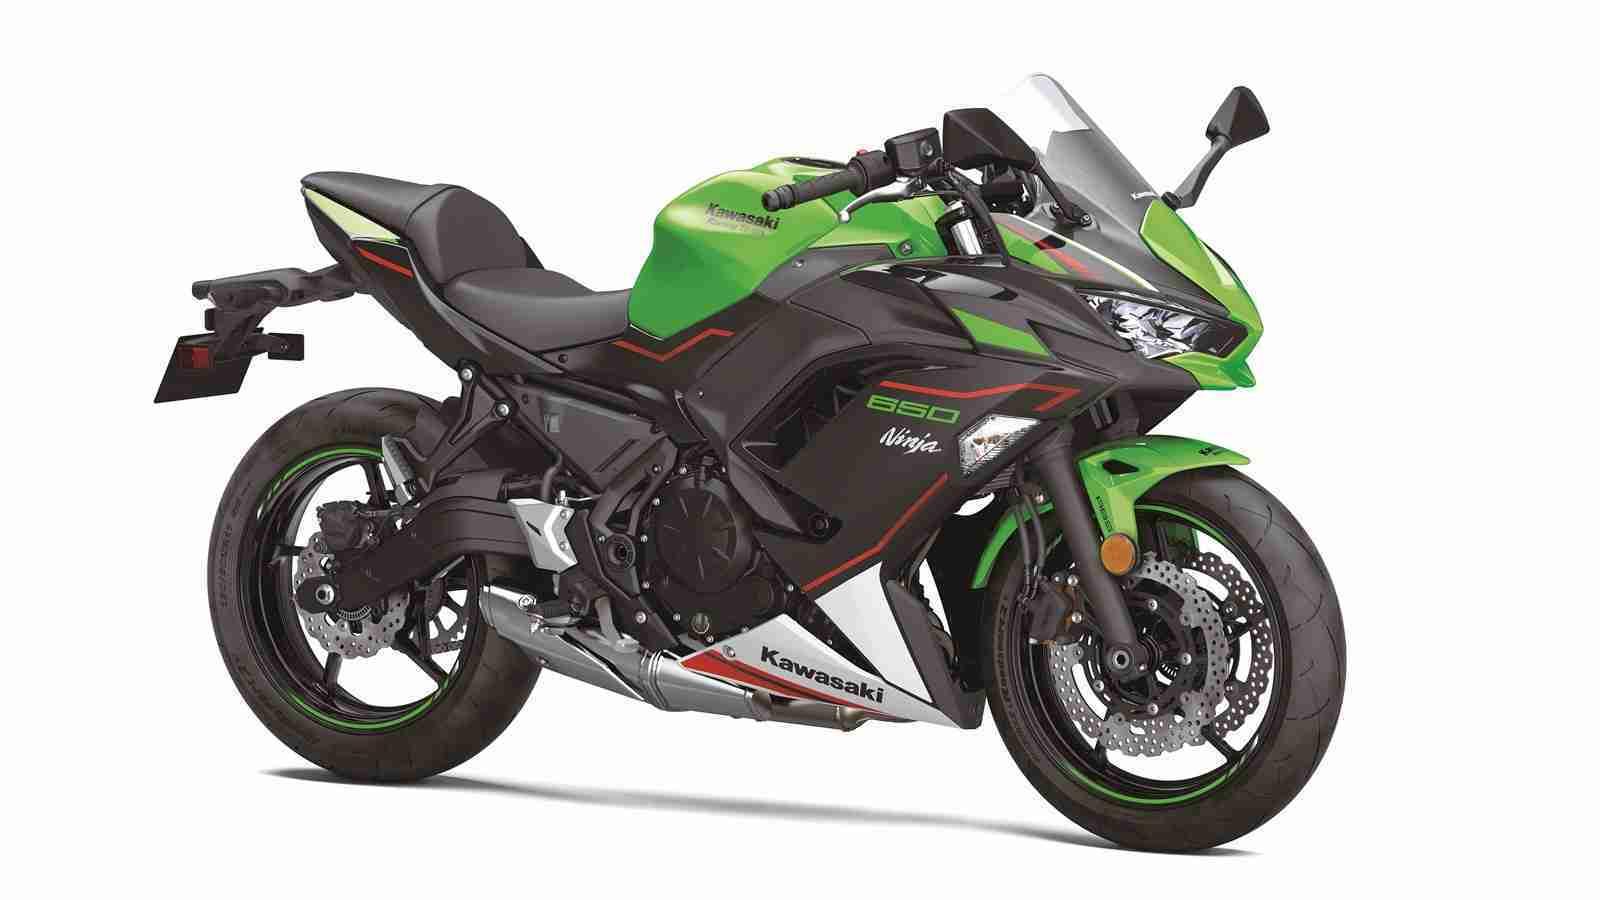 BS6 2022 Kawasaki Ninja 650 LIME GREEN colour option